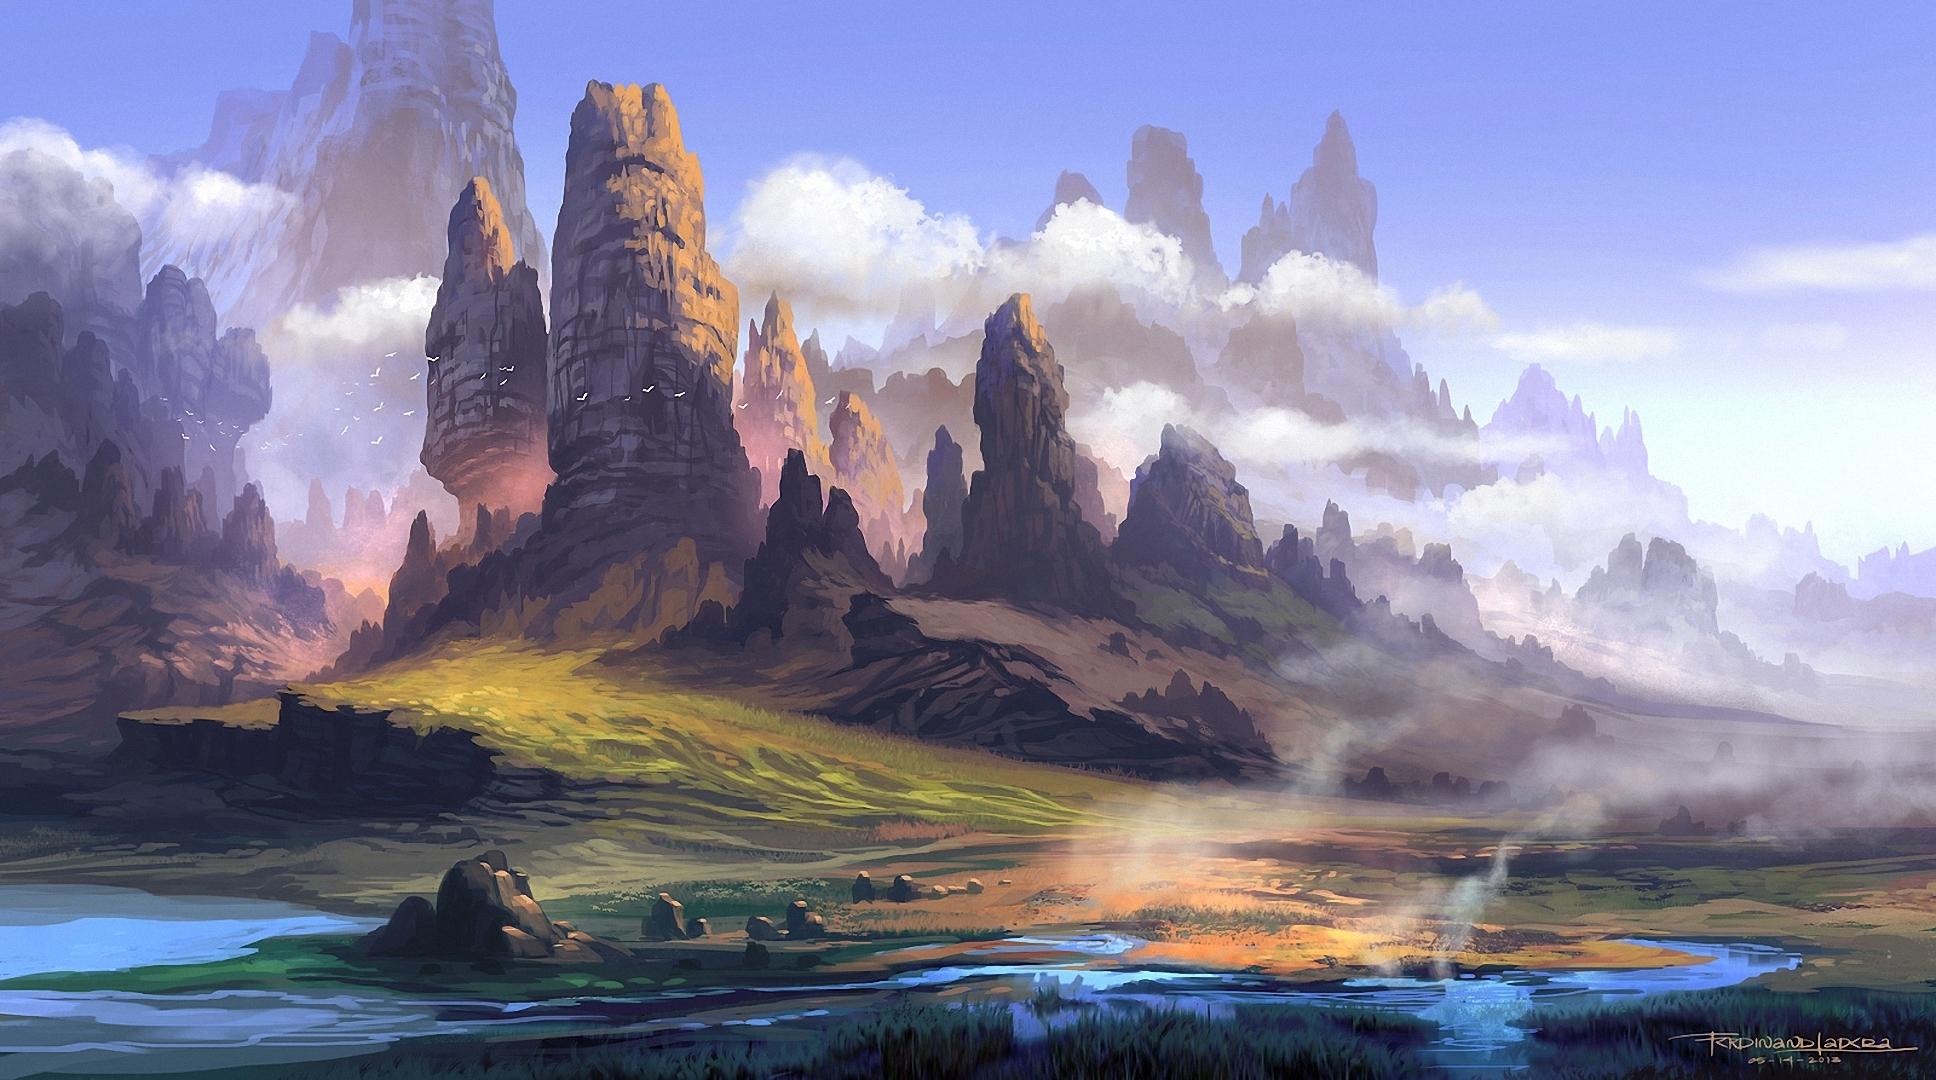 Fantasy World Ipad Wallpaper: Fantastic World Fantasy Wallpaper